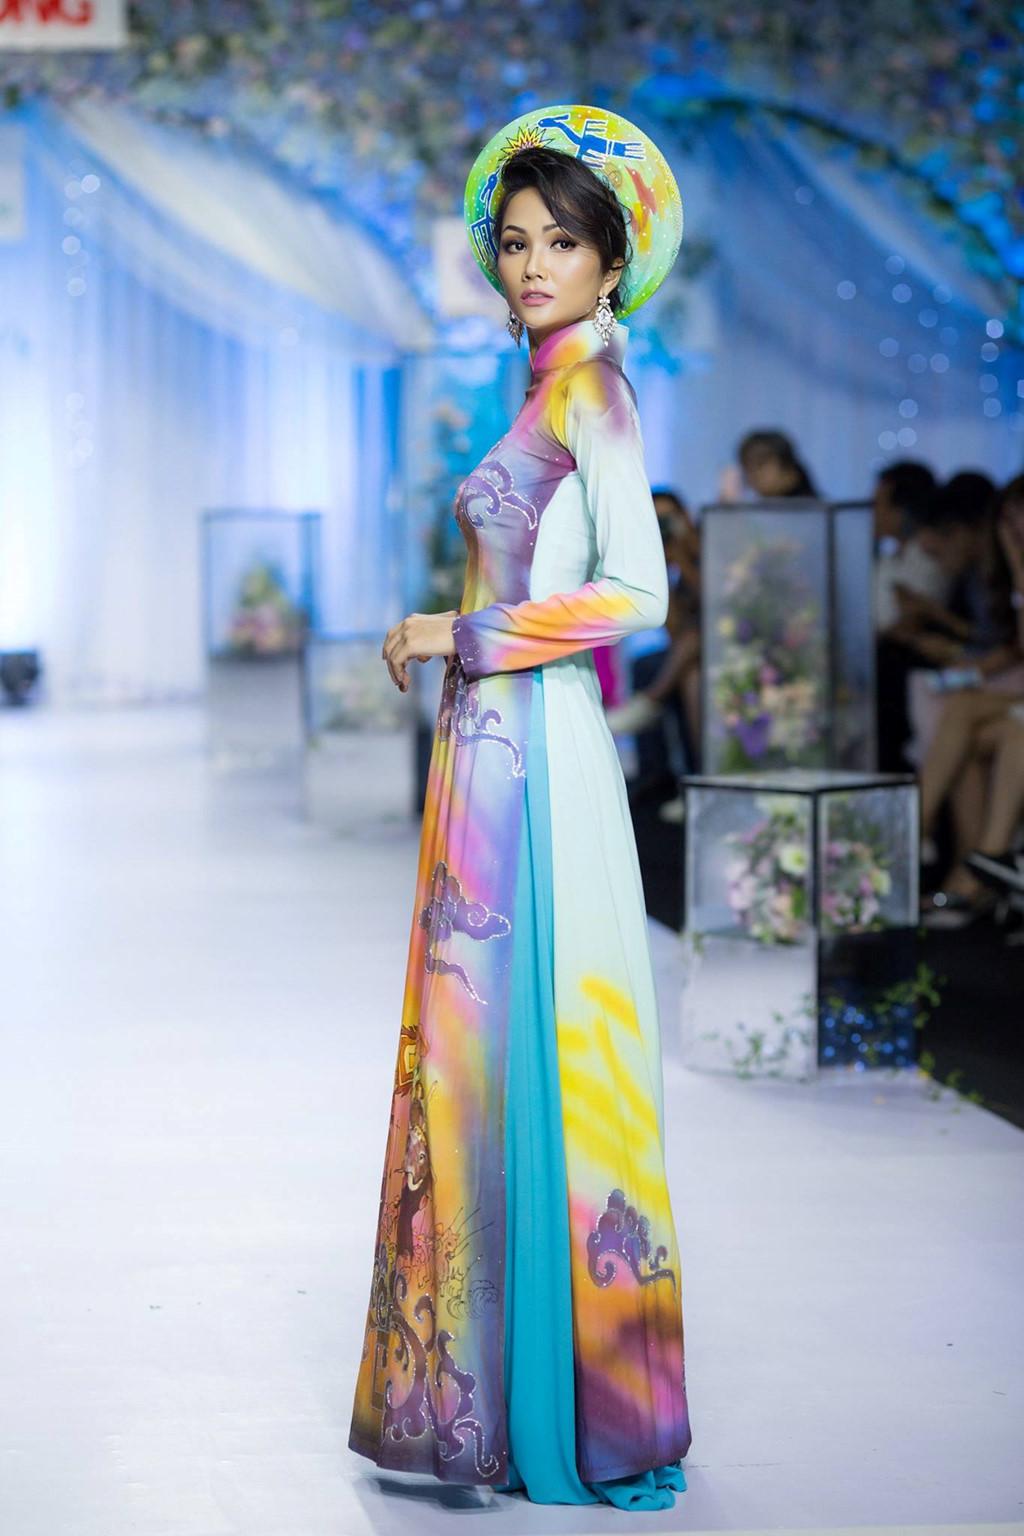 Ảnh quá khứ của Hoa hậu Hoàn vũ H'Hen Niê lại gây chú ý